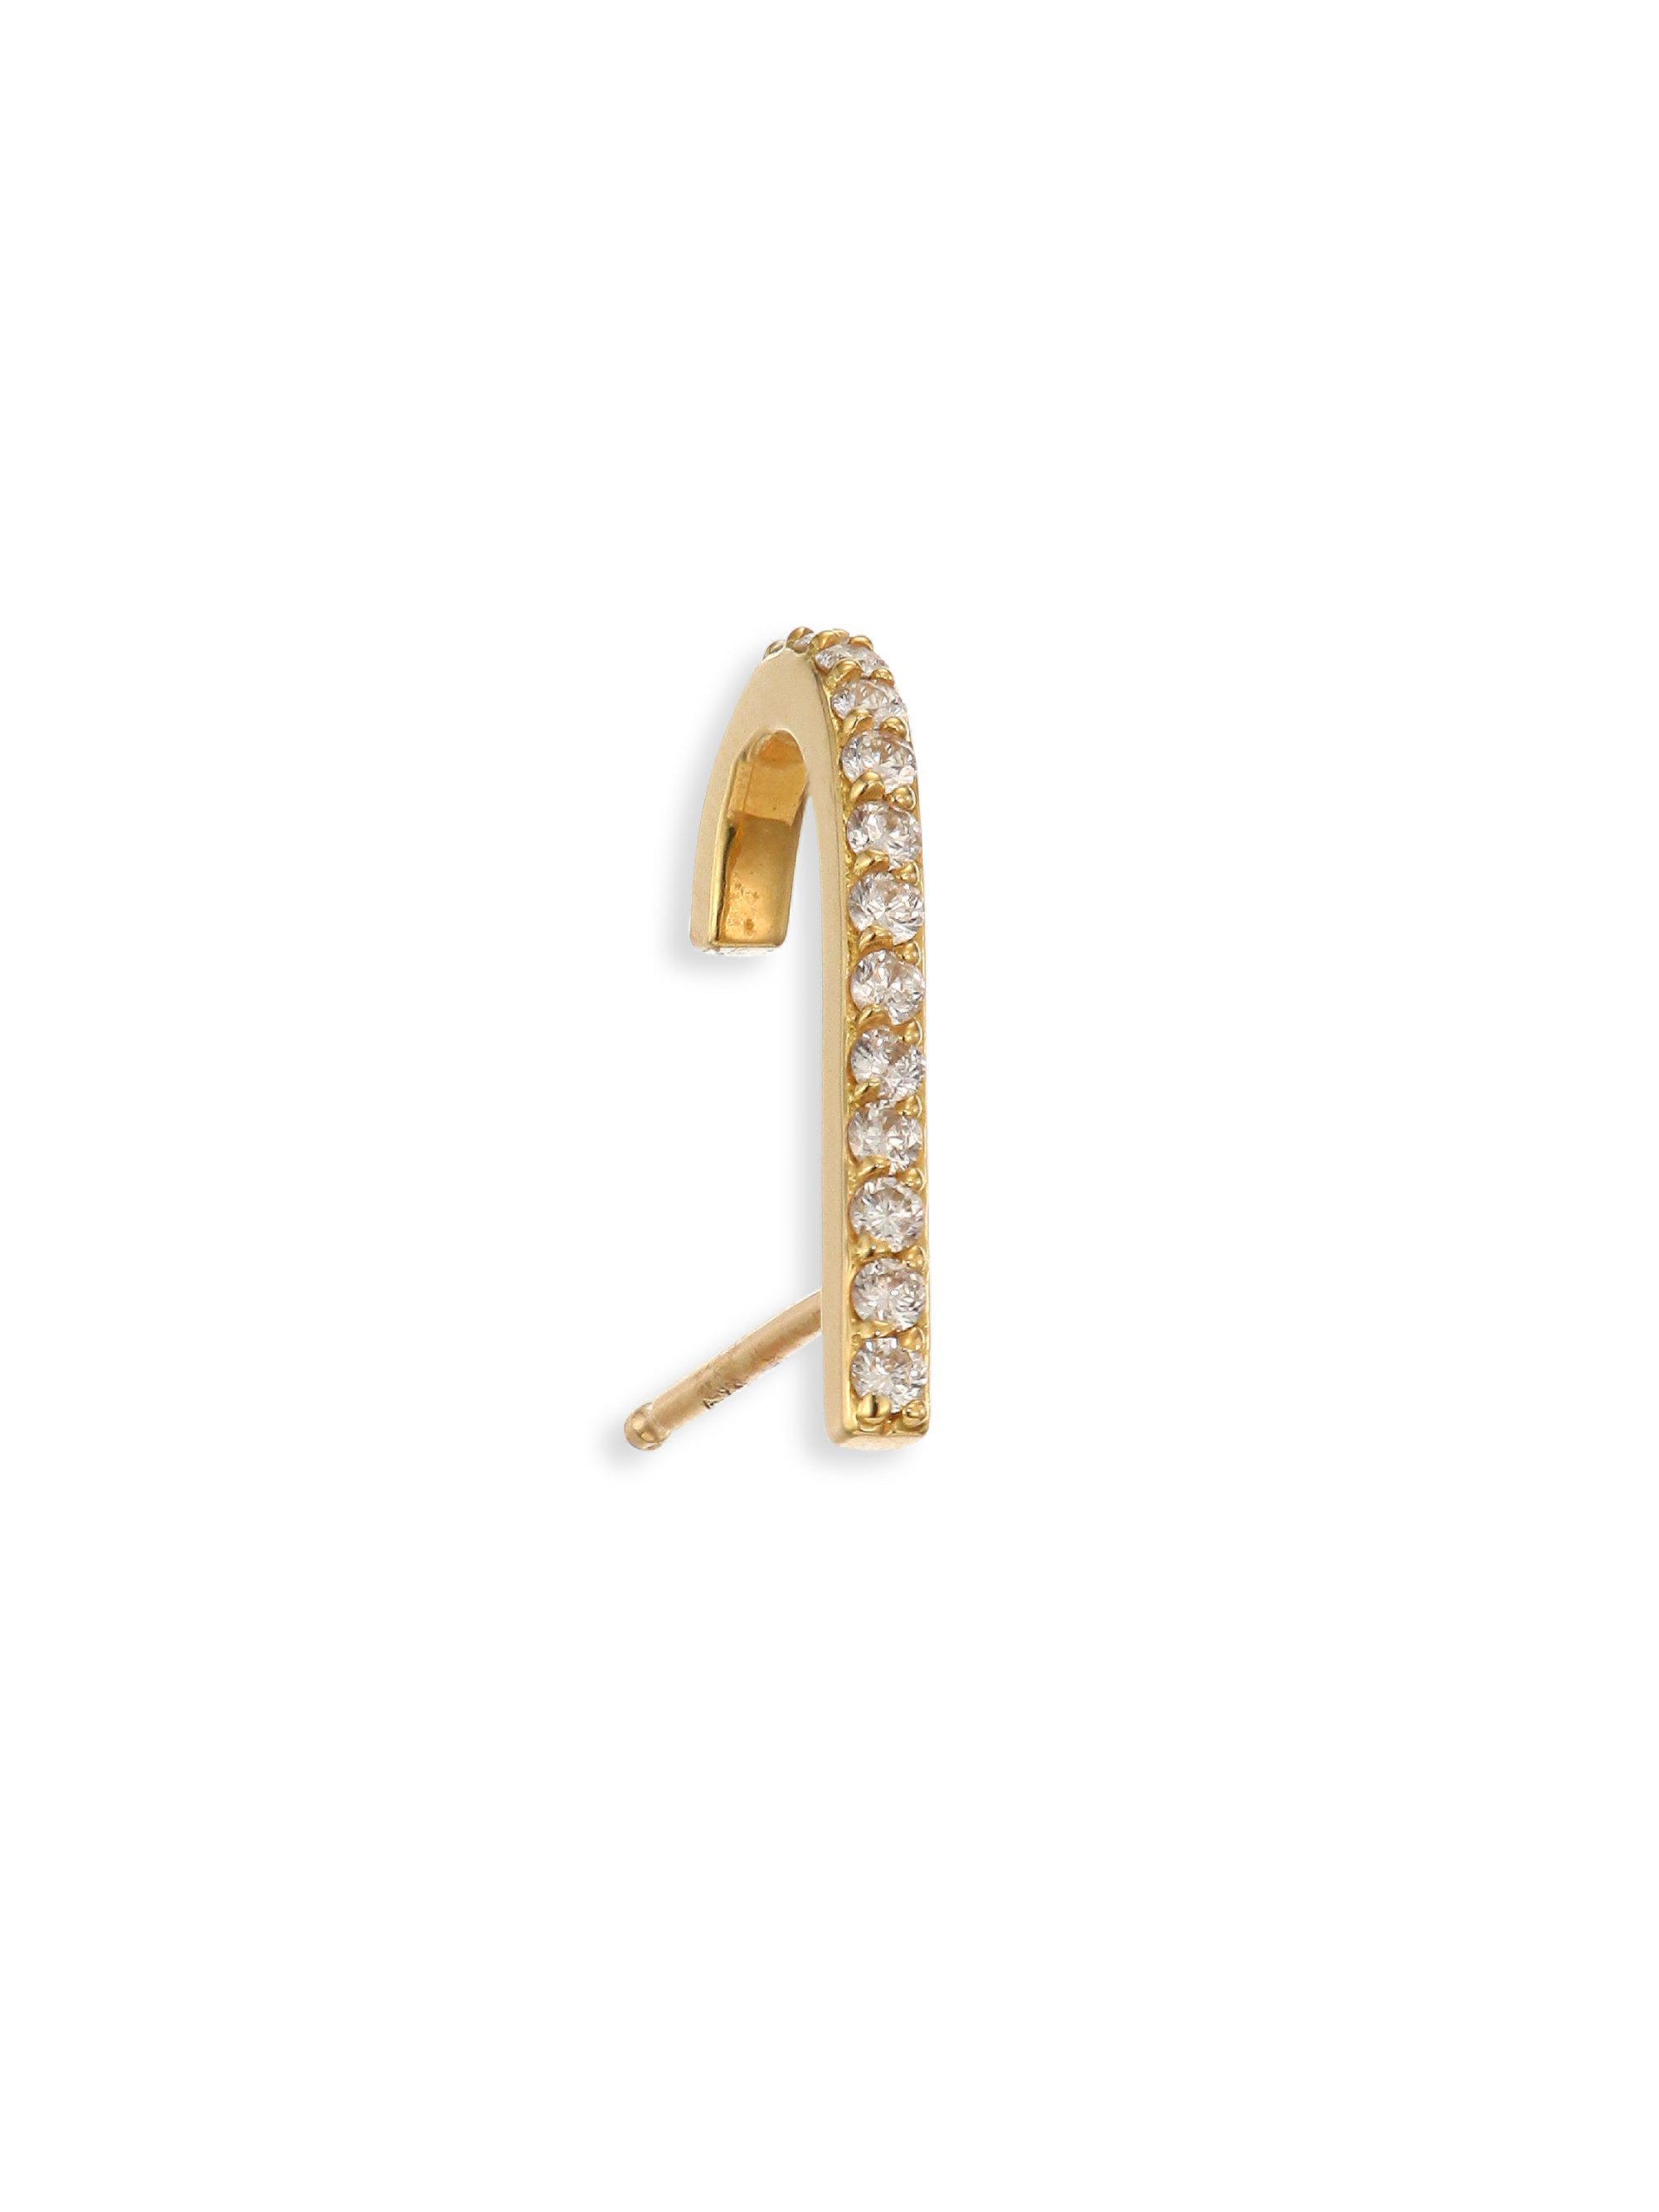 Paige Novick Diamond & Peridot 18k Huggie Stud Earring ViyOcJ